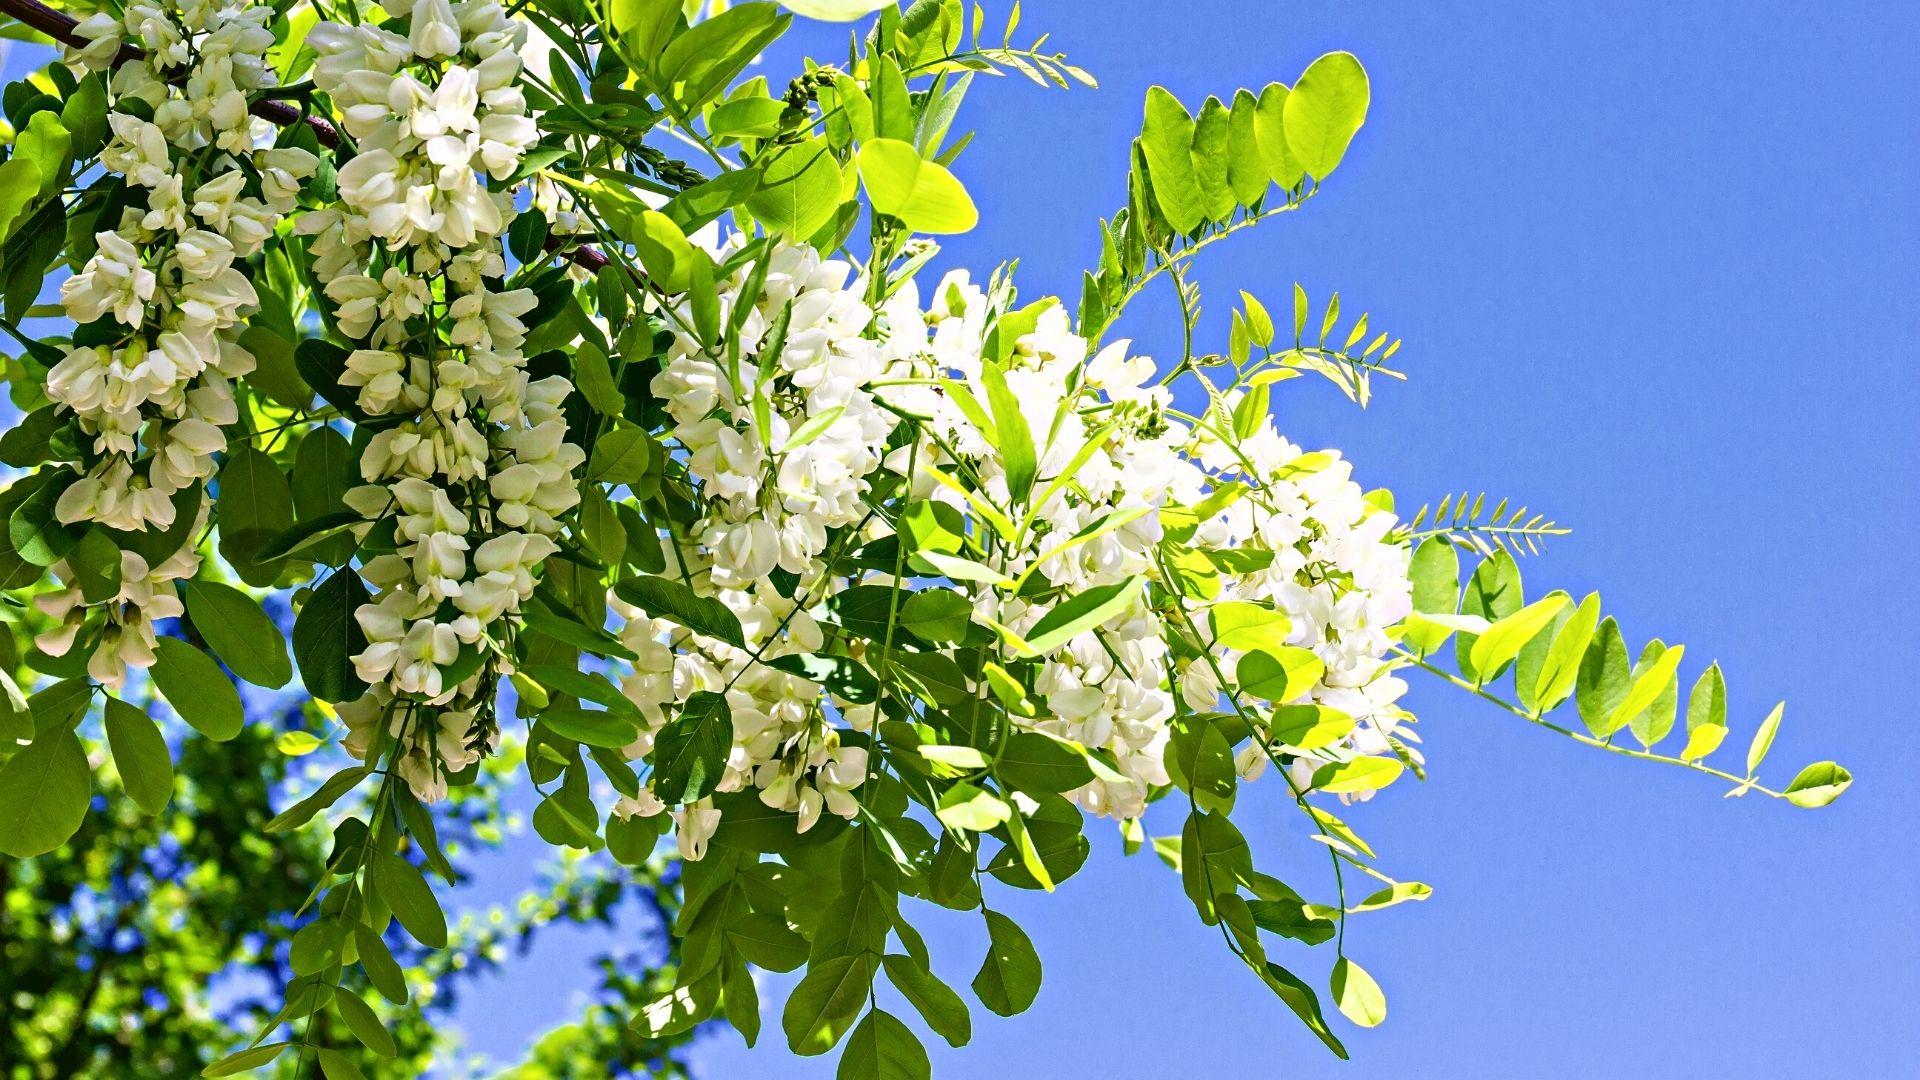 Les belles grappes de fleurs blanches pendantes et parfumées au miel du robinier